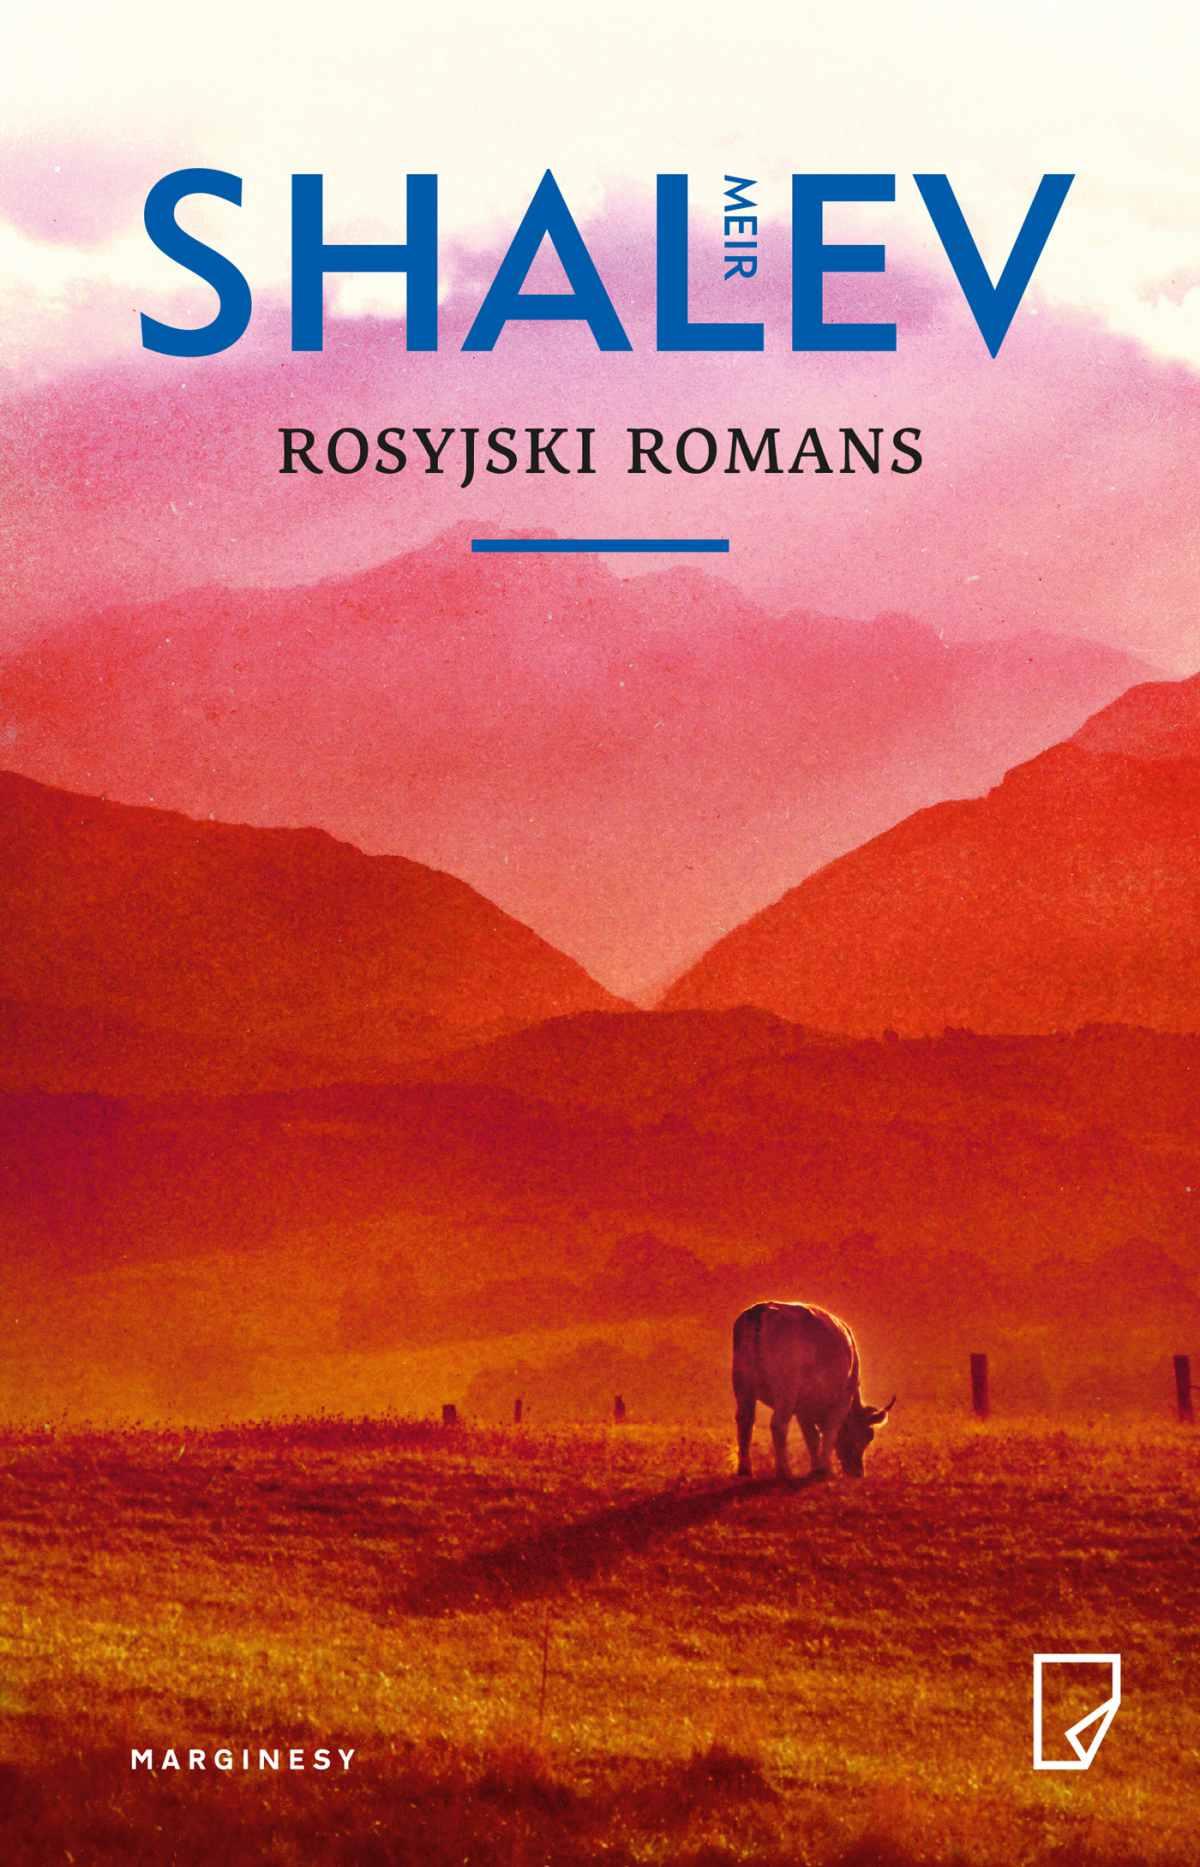 Rosyjski romans - Ebook (Książka EPUB) do pobrania w formacie EPUB